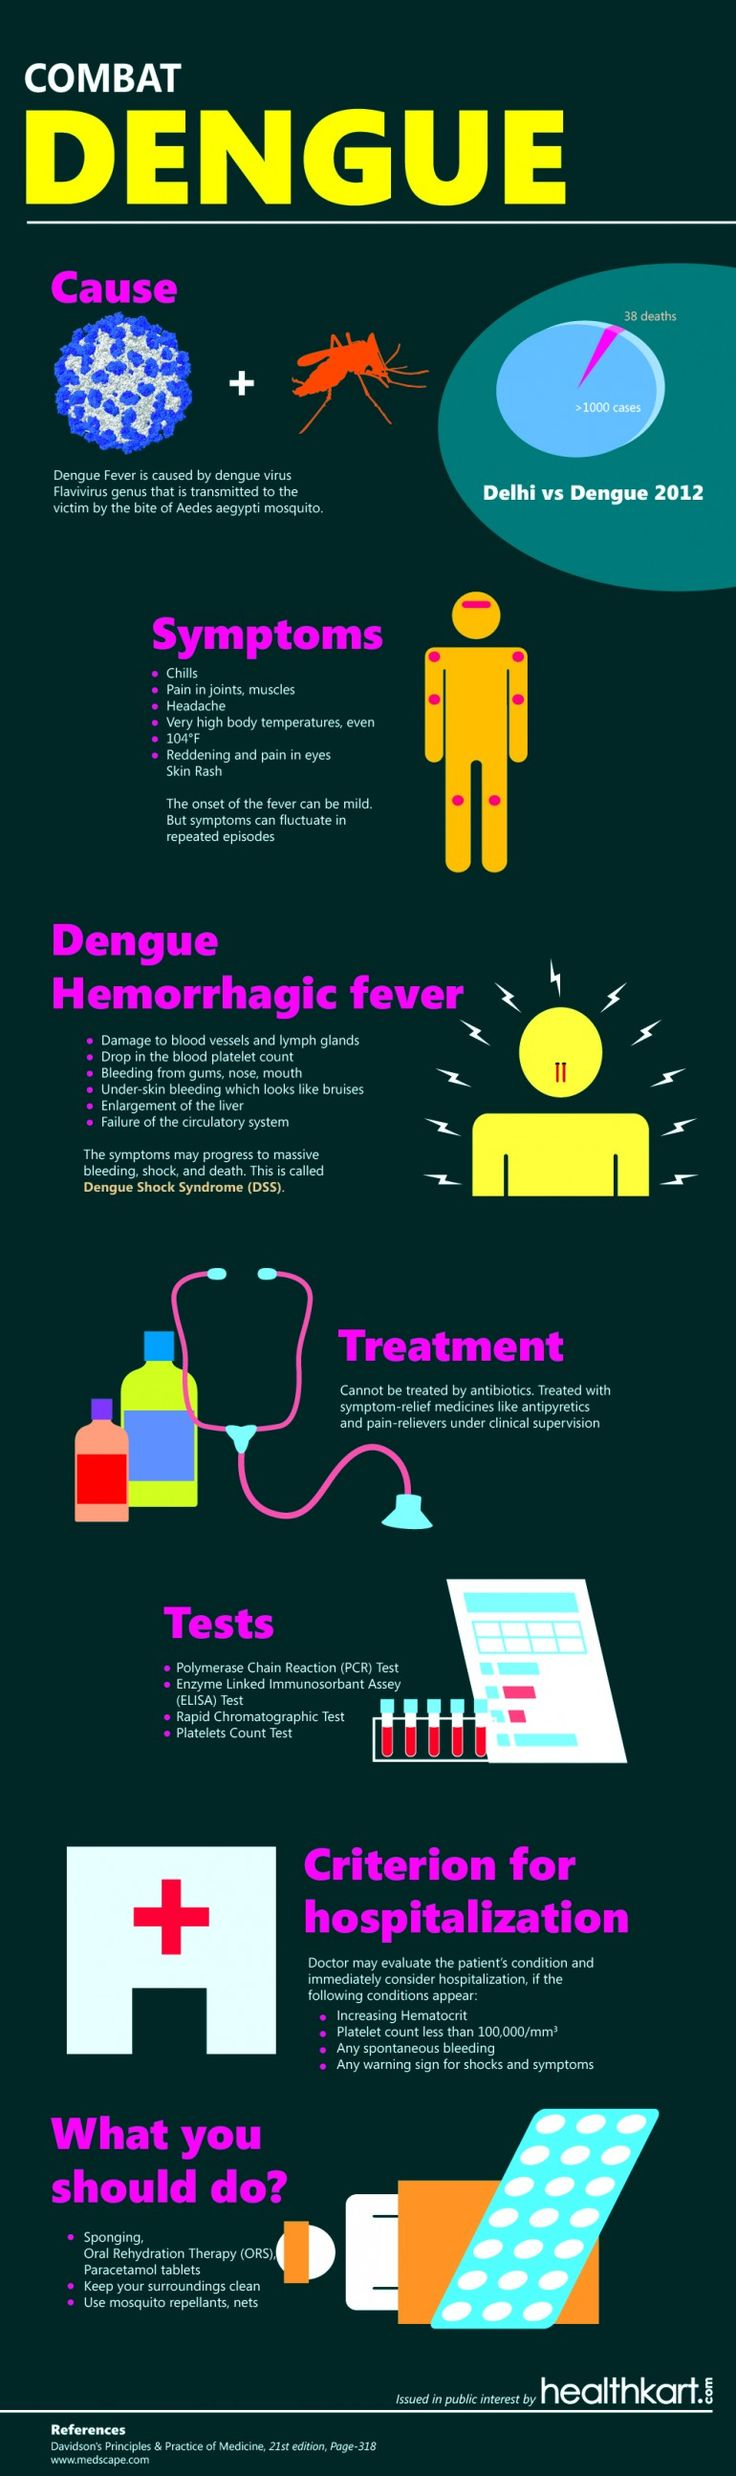 Dengue Infographic